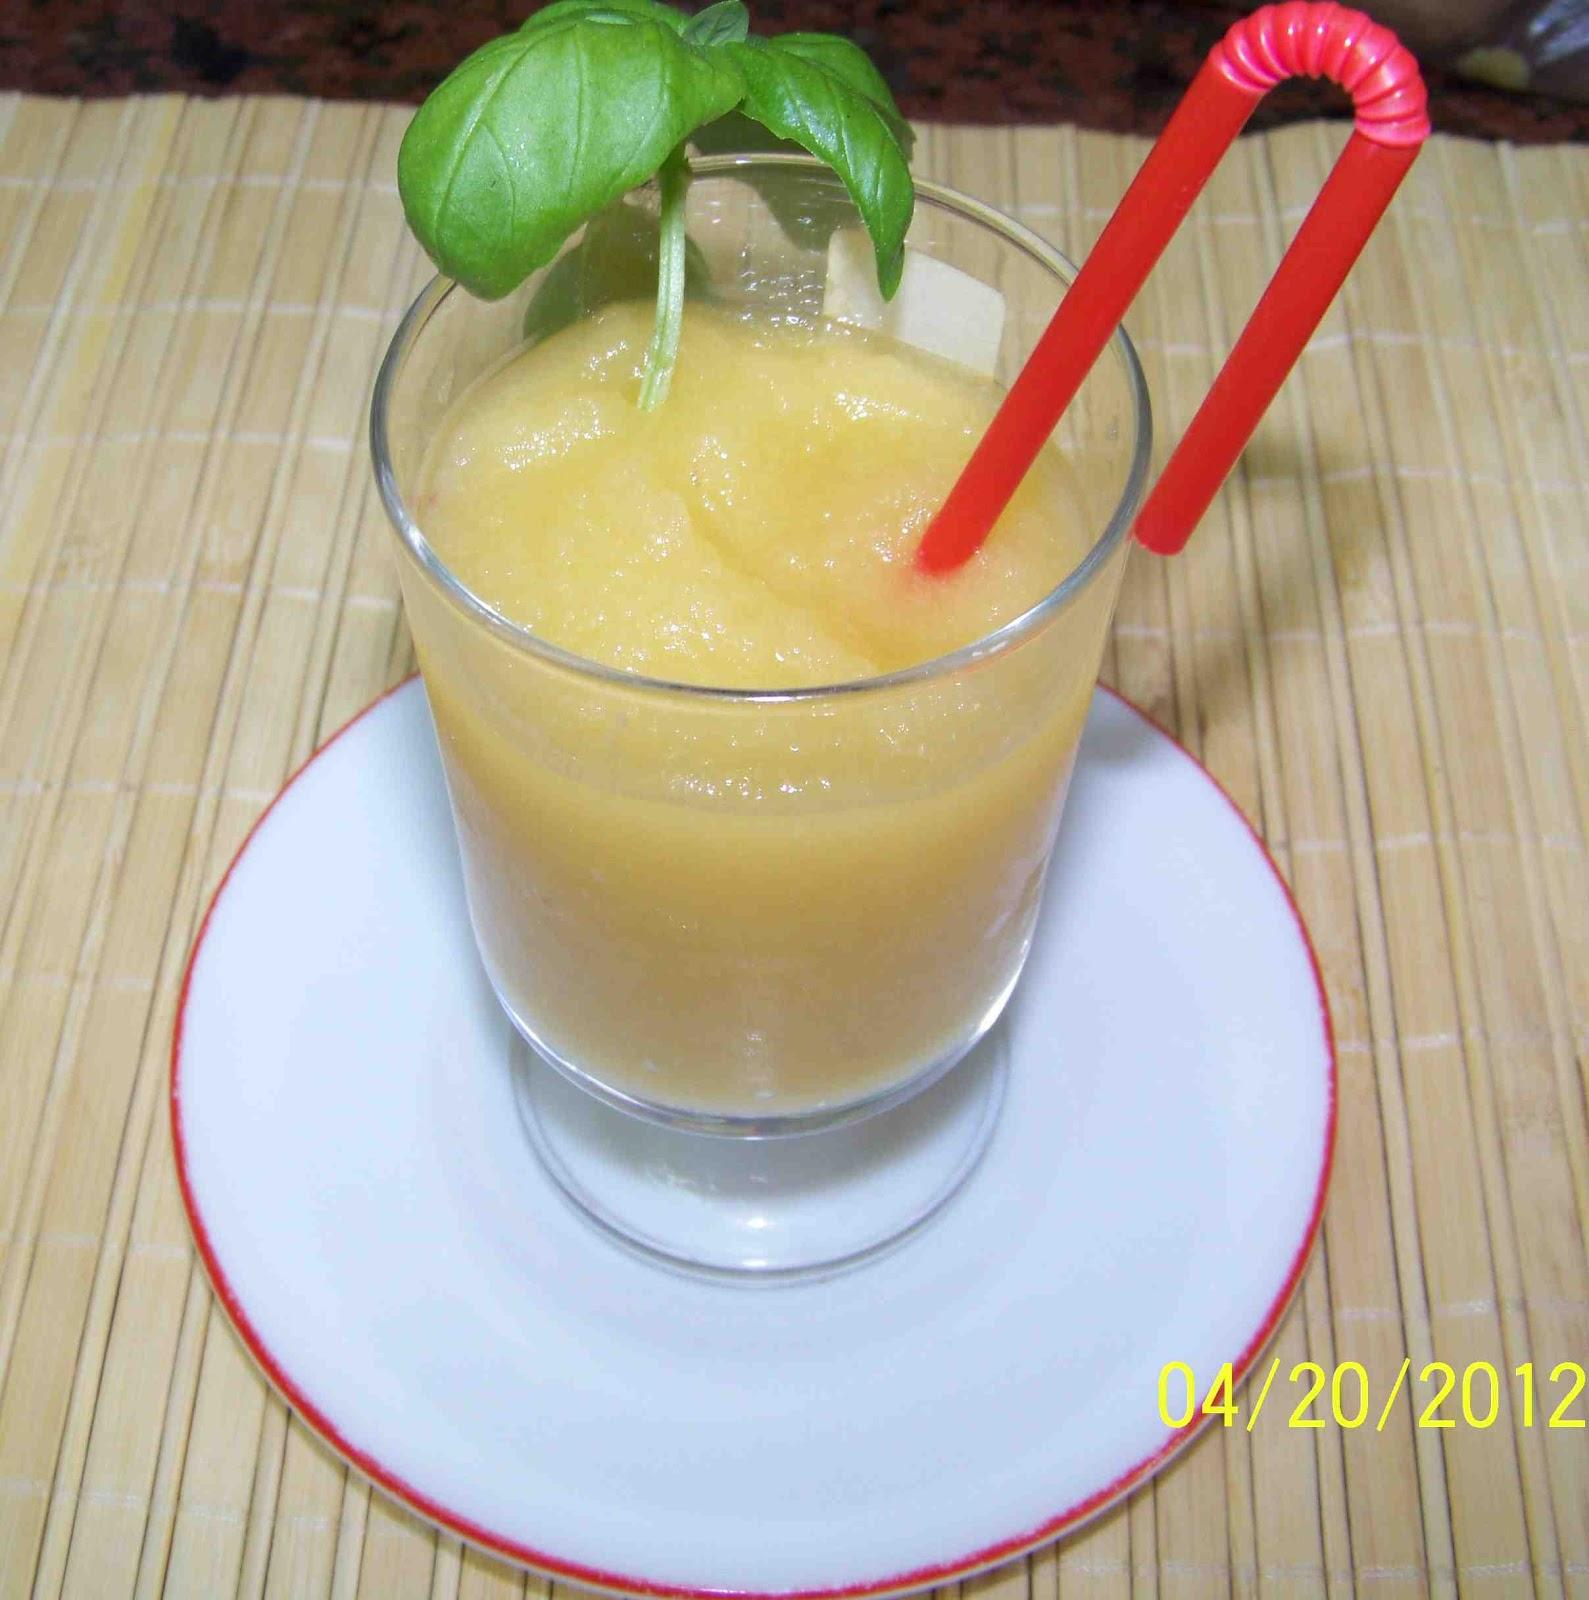 Culinaria y otras cosas sorbete de manzana - Sorbete de manzana verde ...